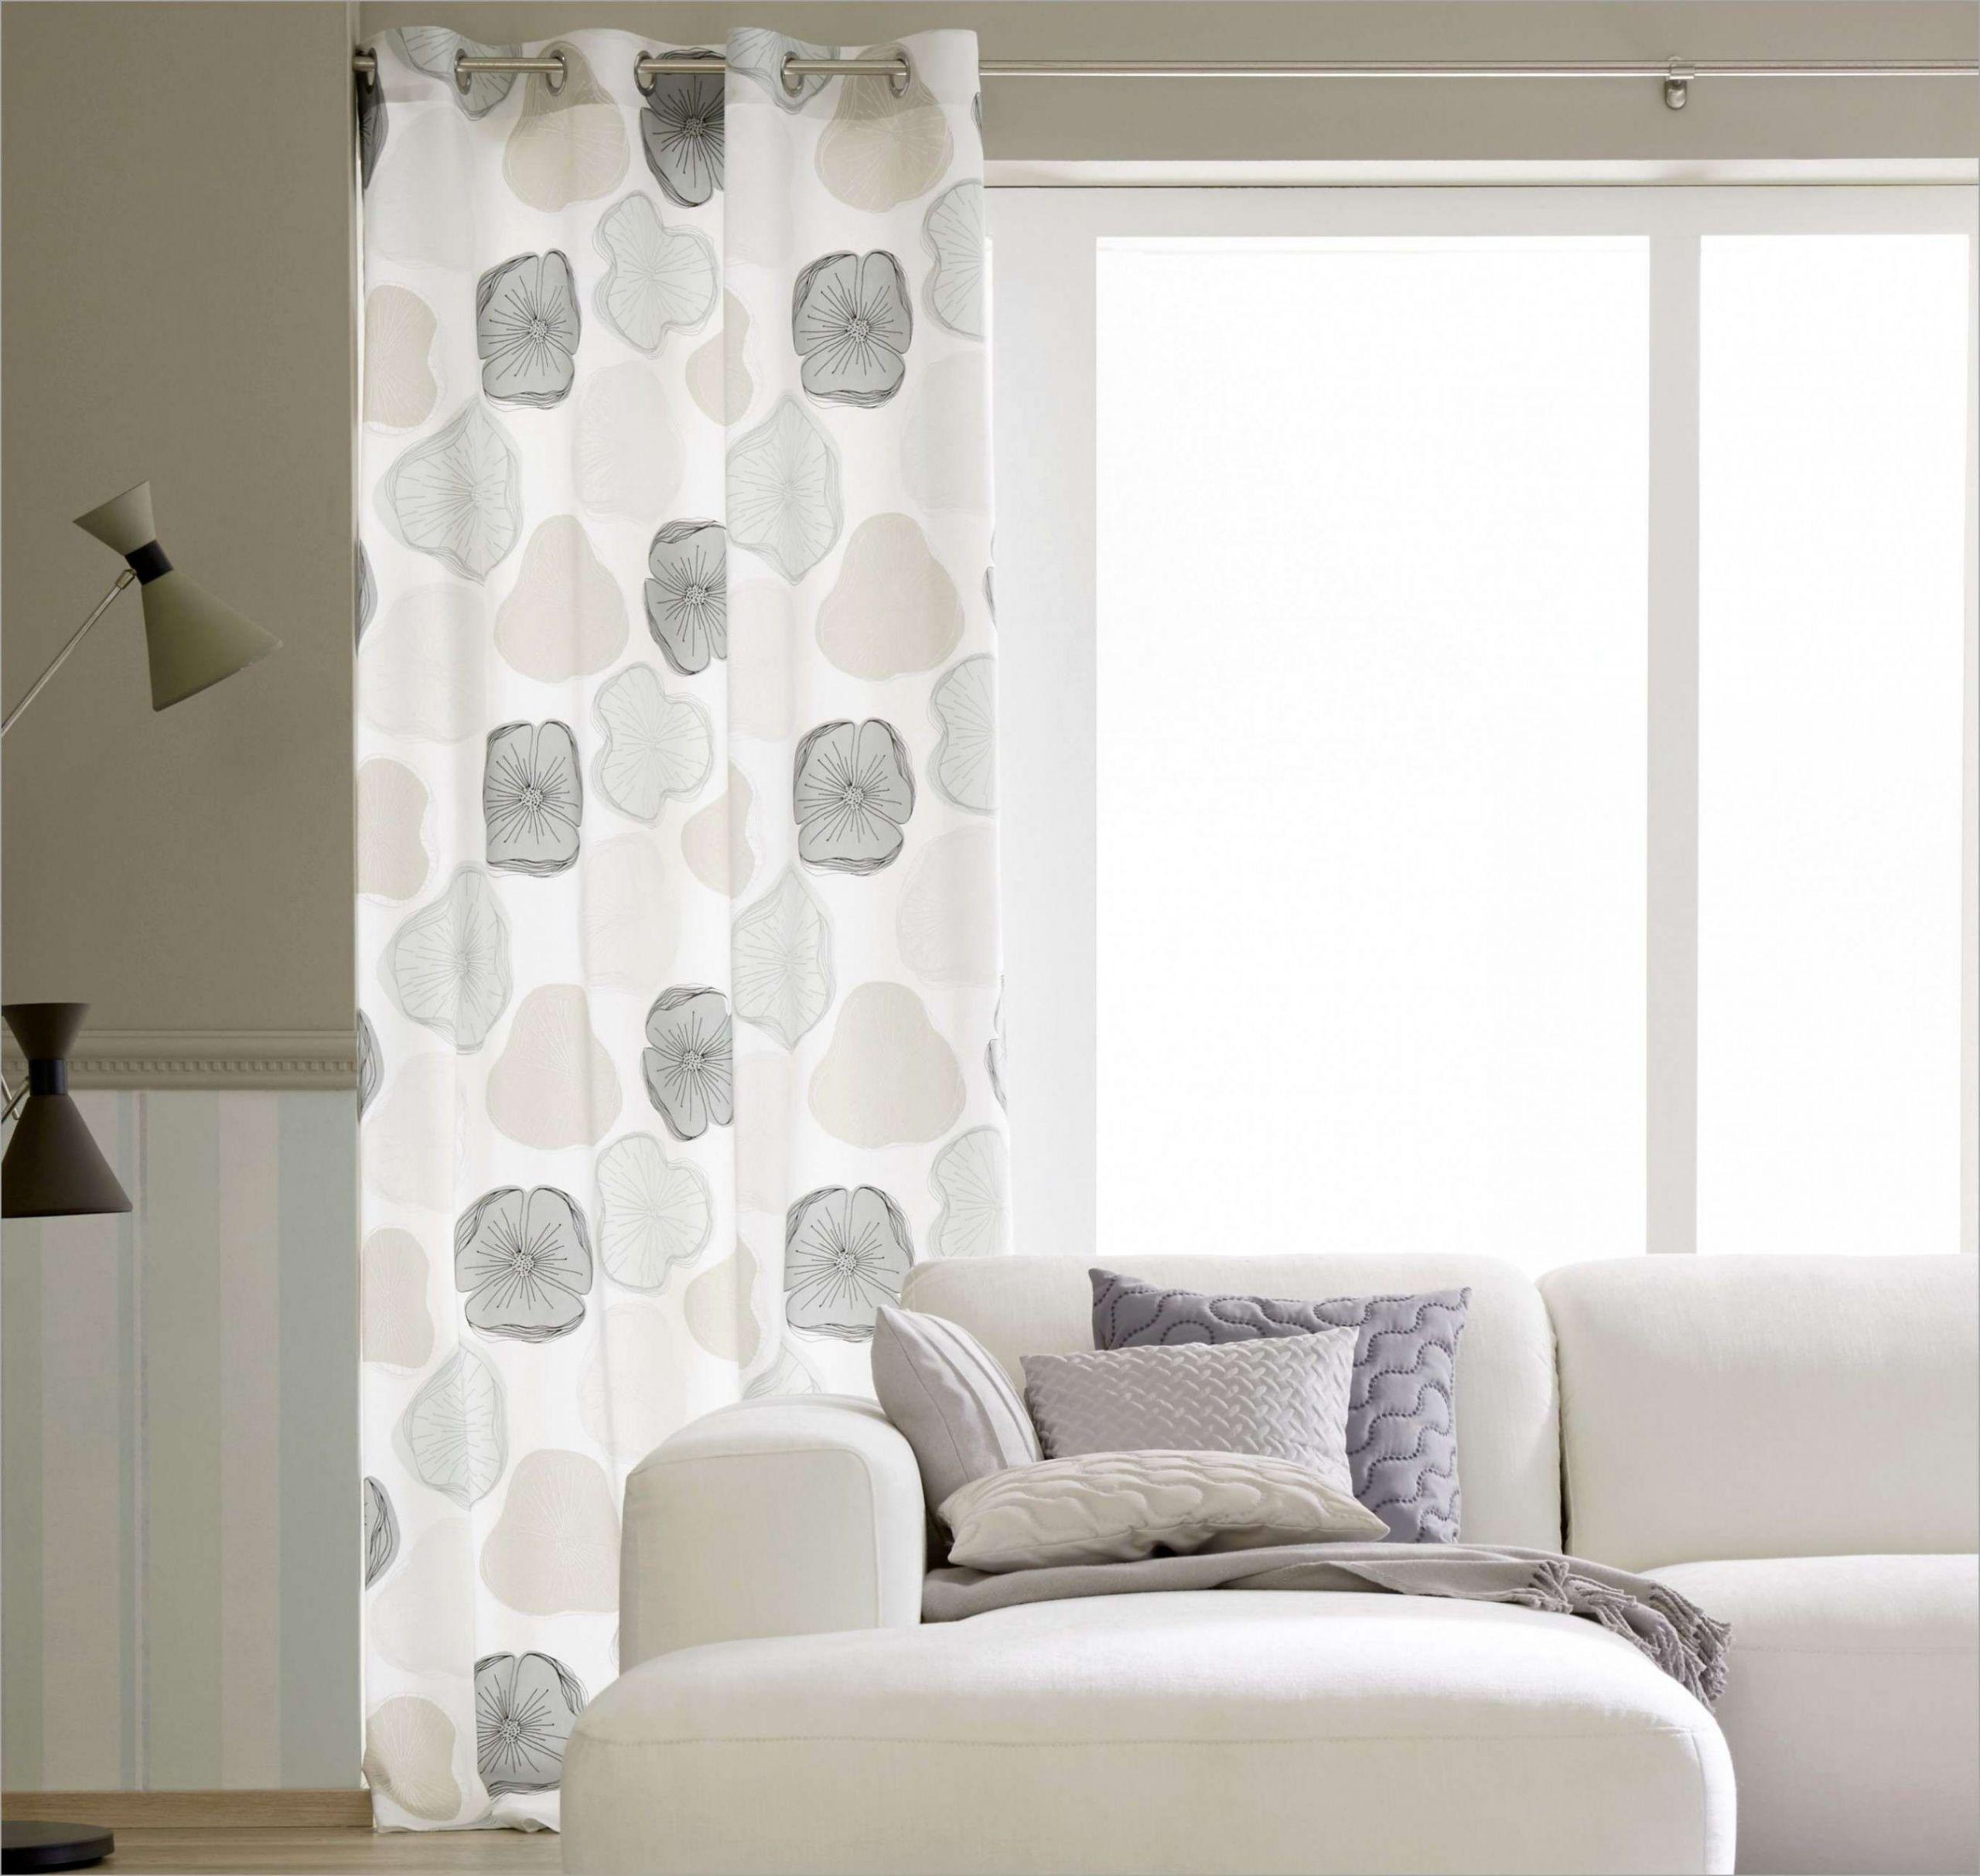 wohnzimmer gardinen gardinen deko ideen inspirierend tolle beliebt of wohnzimmer gardinen scaled